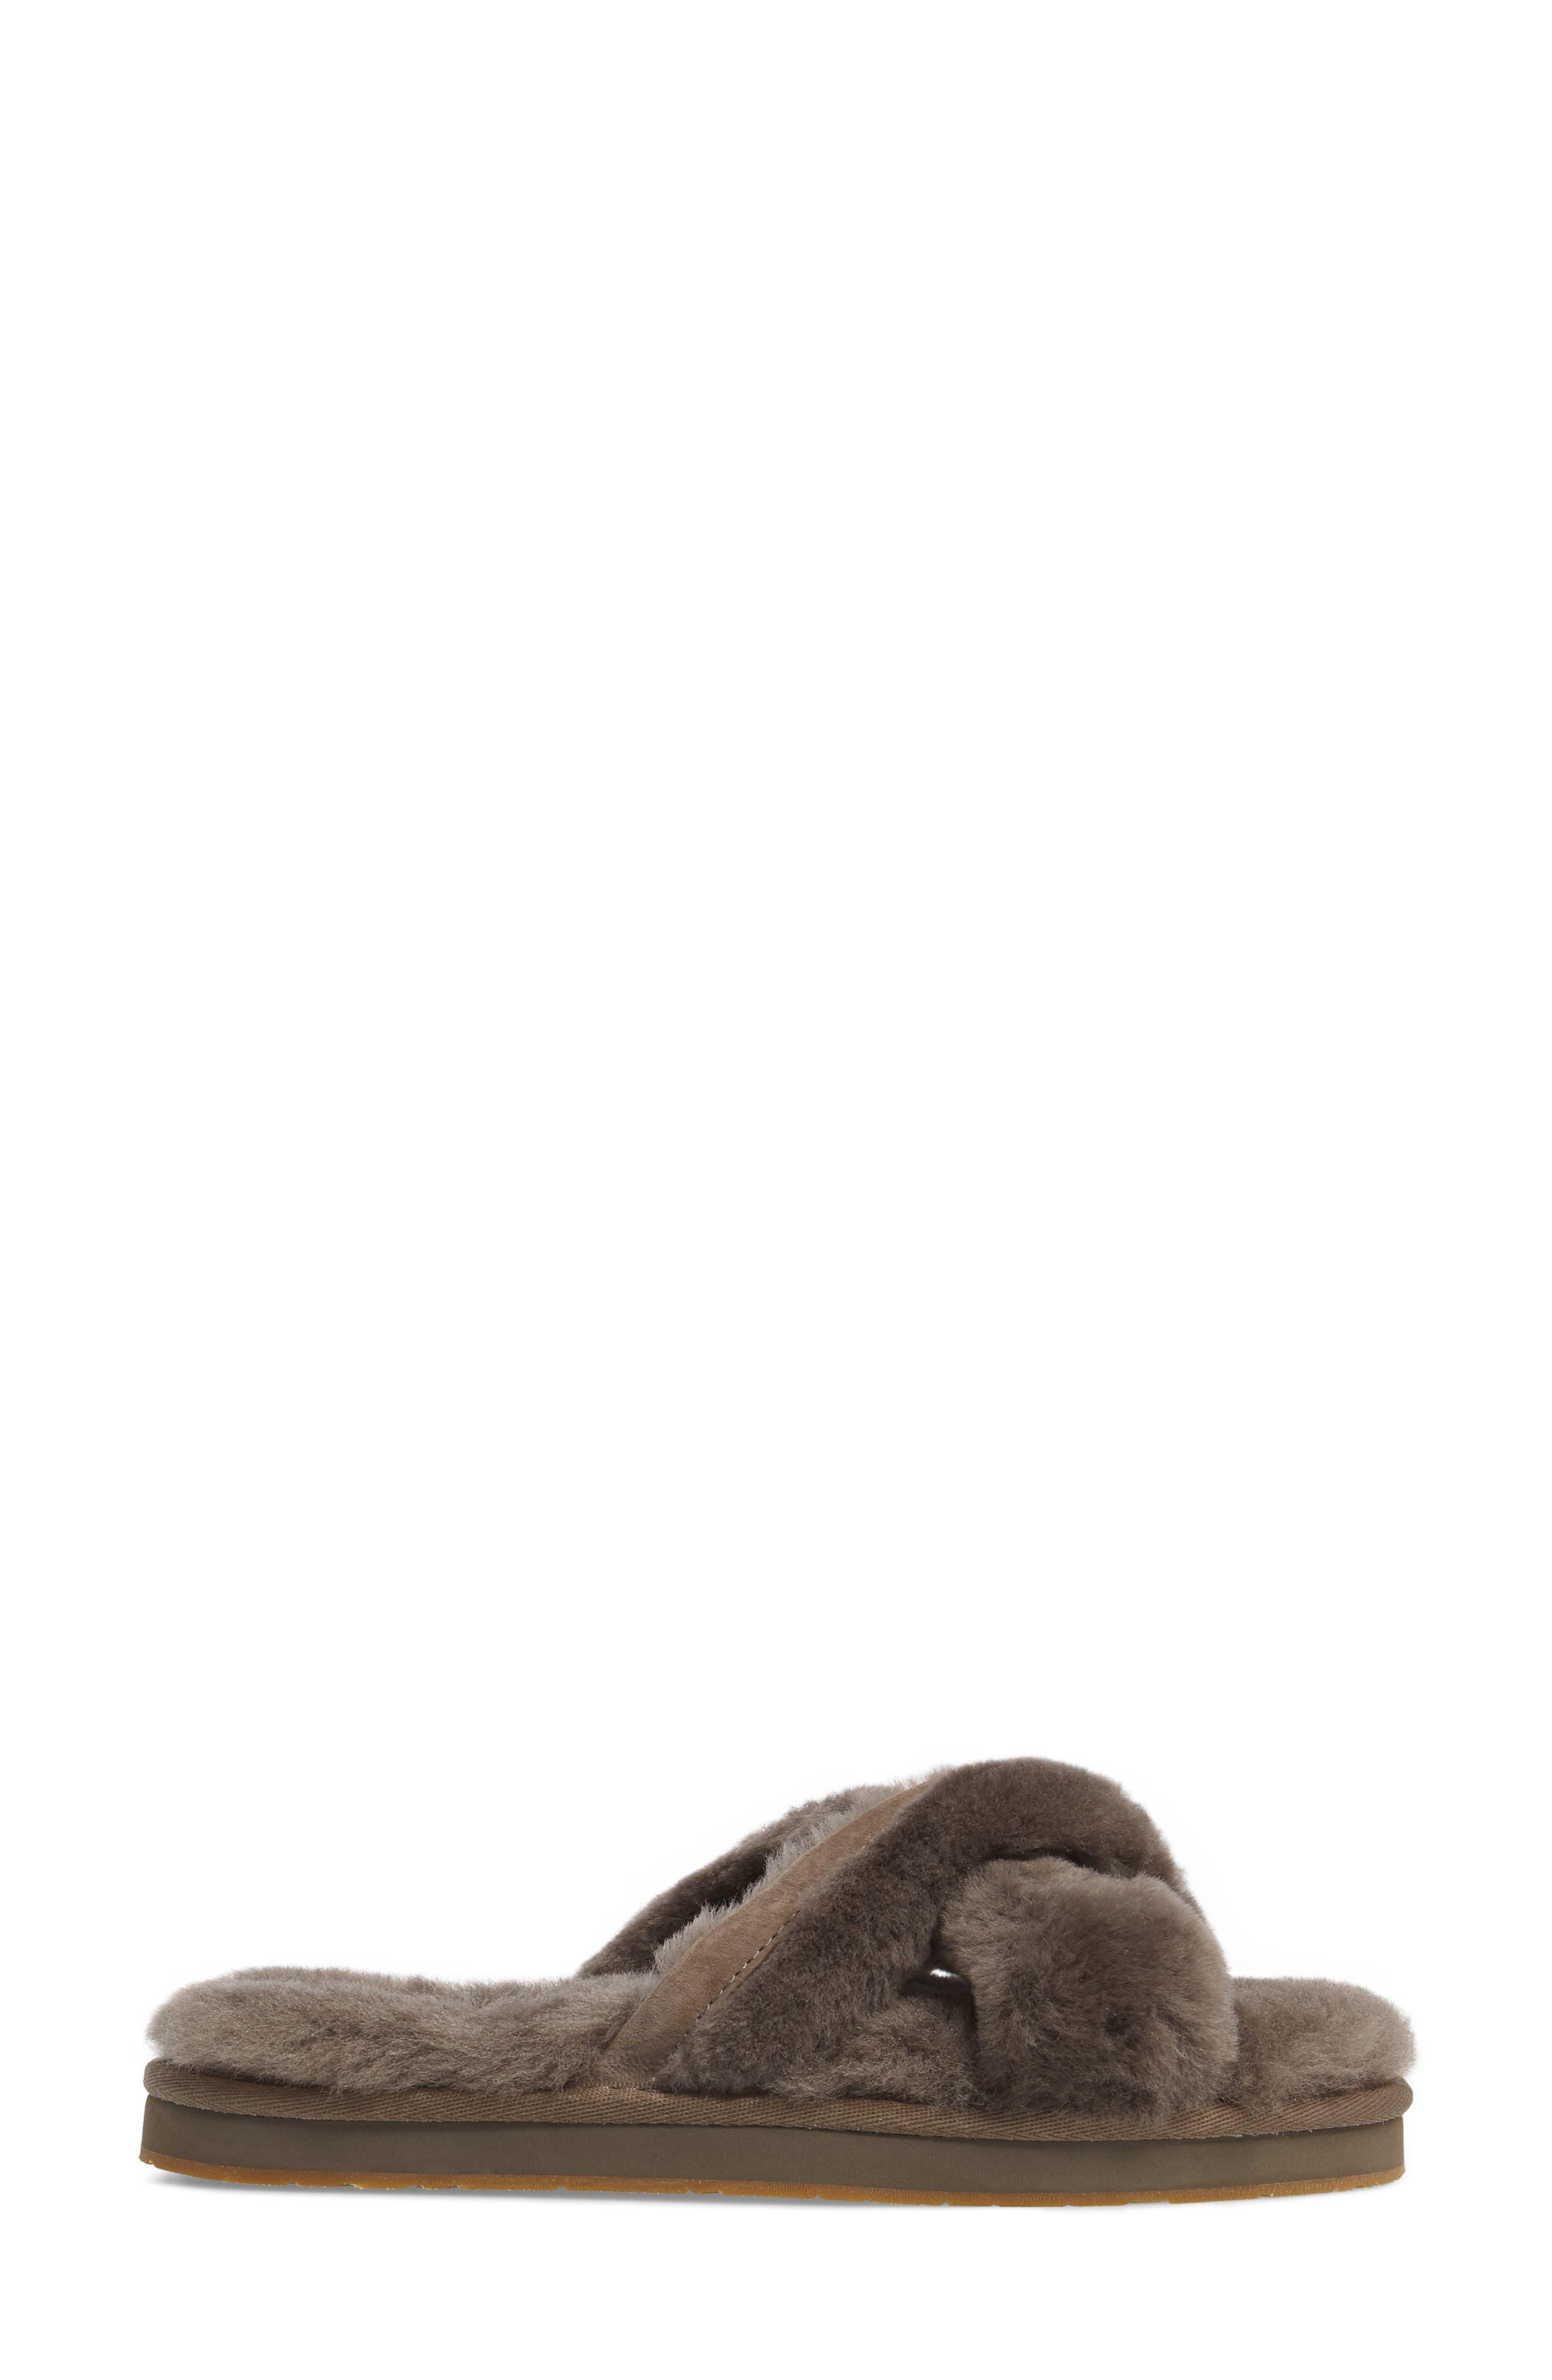 Alternate Image 3  - UGG® Abela Genuine Shearling Flip Flop (Women)